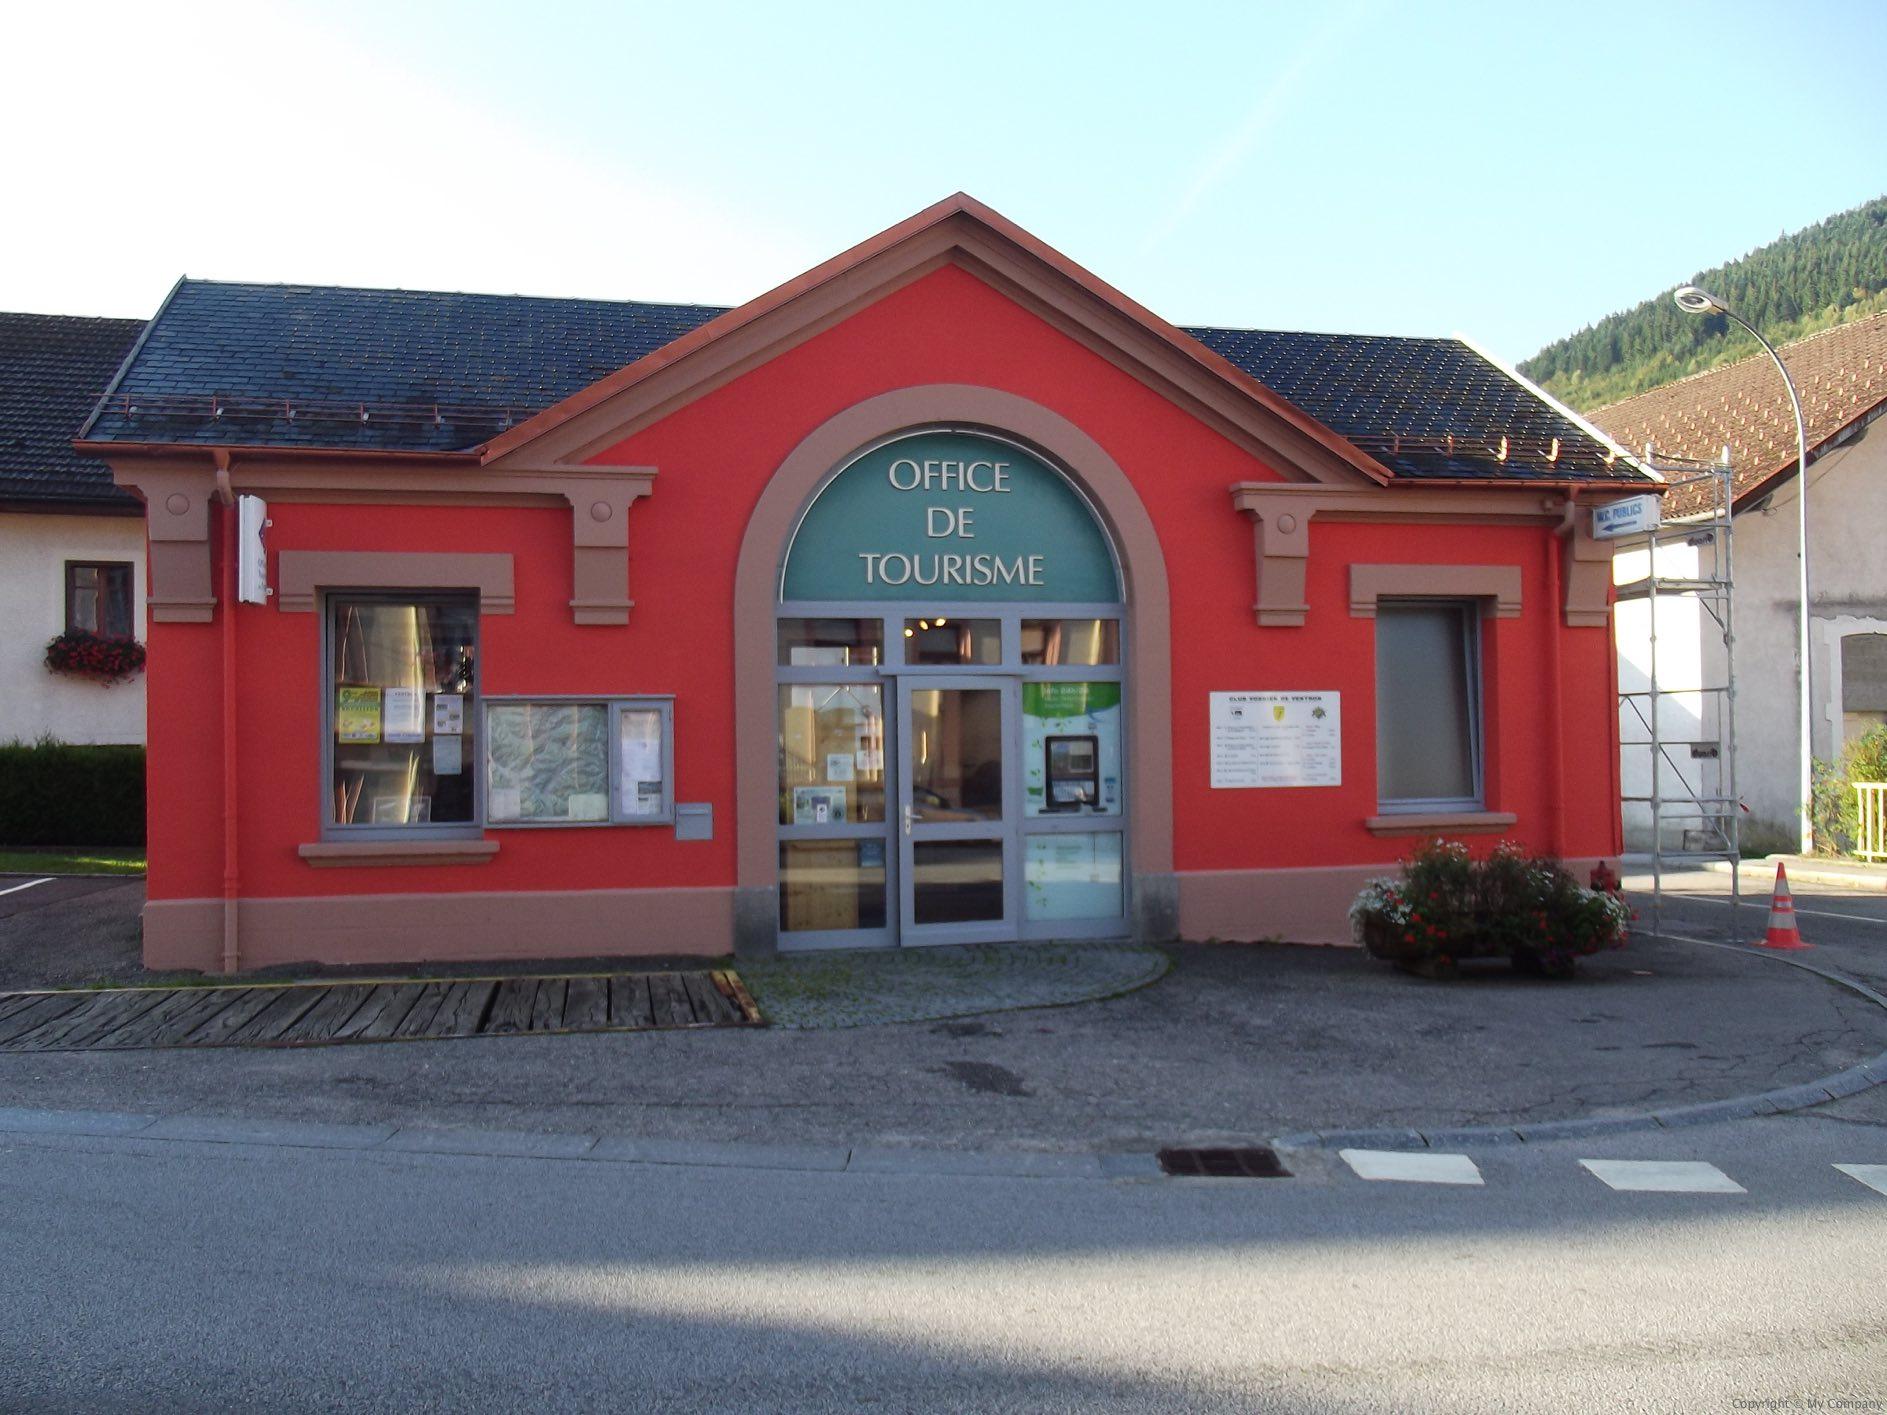 Office de tourisme de ventron - Office de tourisme ventron ...